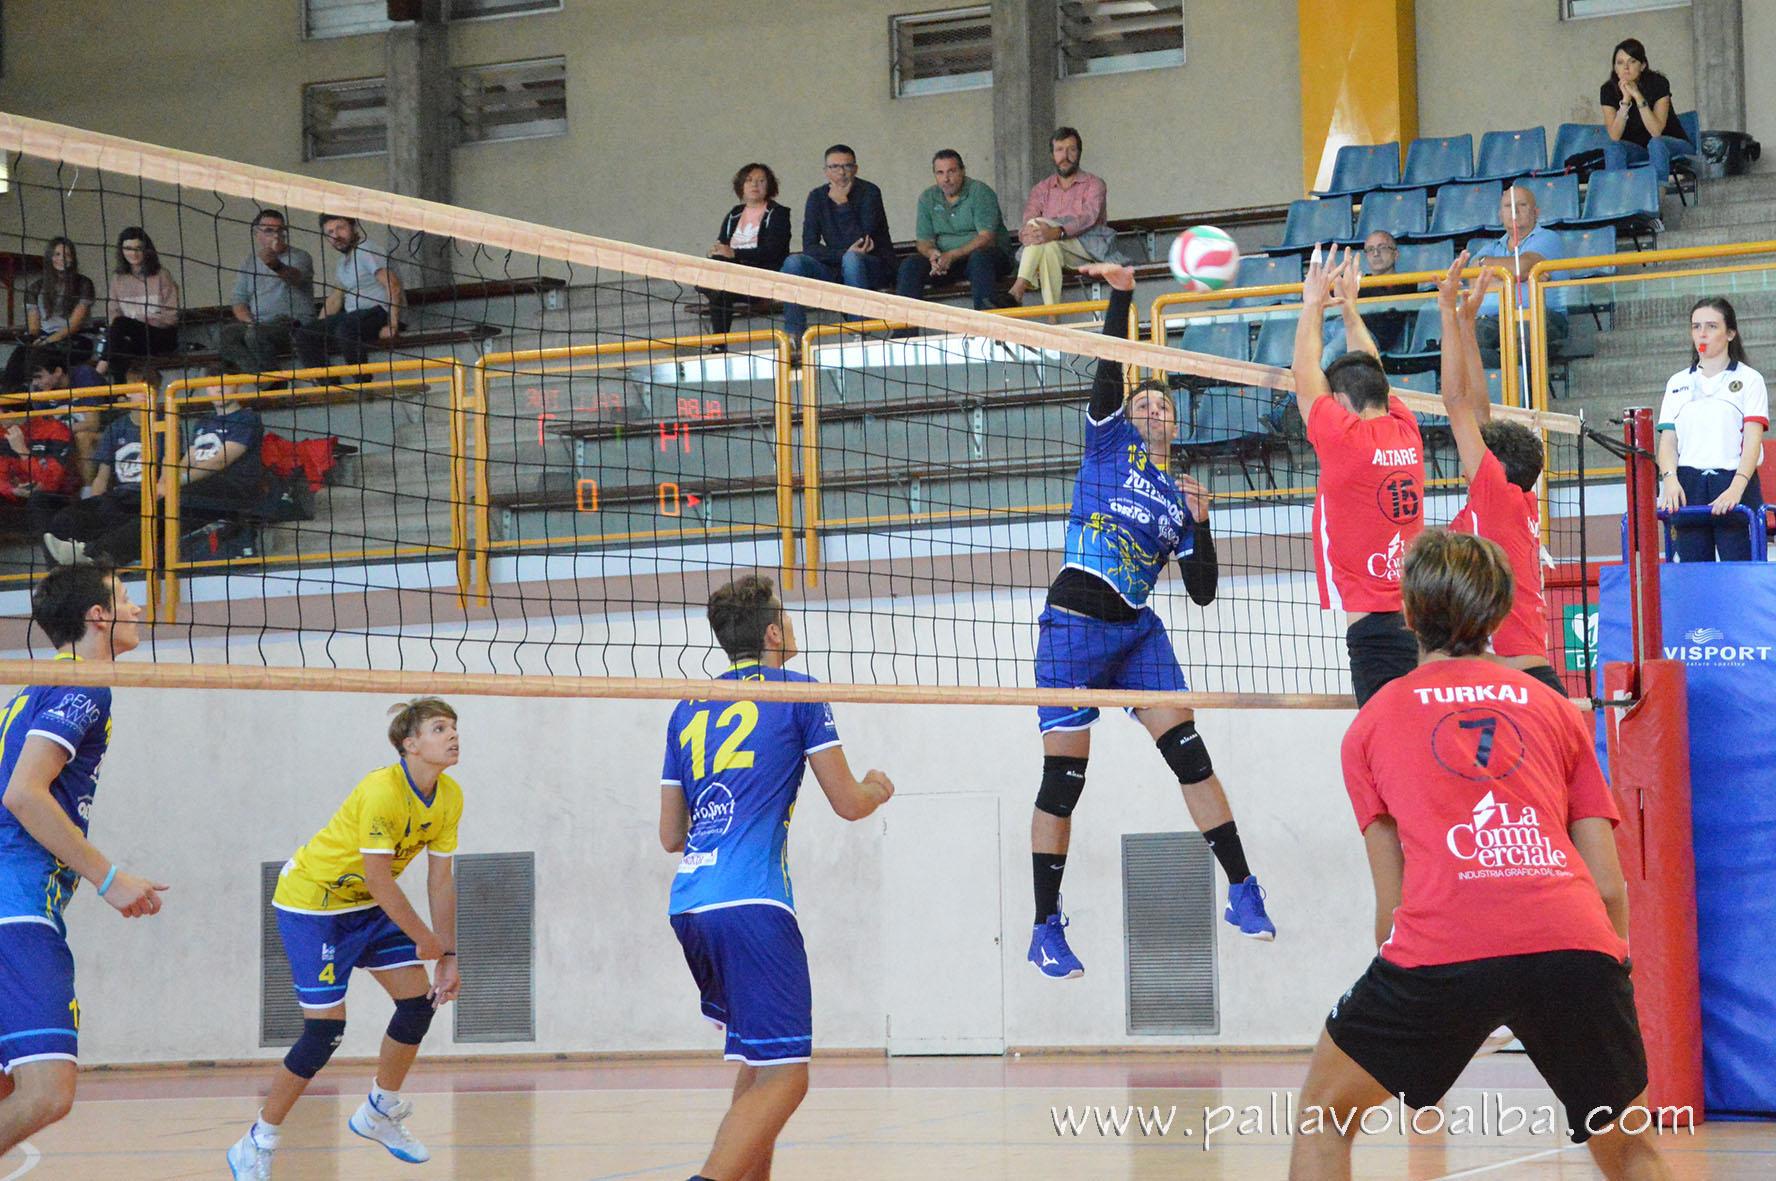 Volley C/M: vittorie per Alba, Cuneo, Racconigi nella 5^ giornata di andata - IdeaWebTv